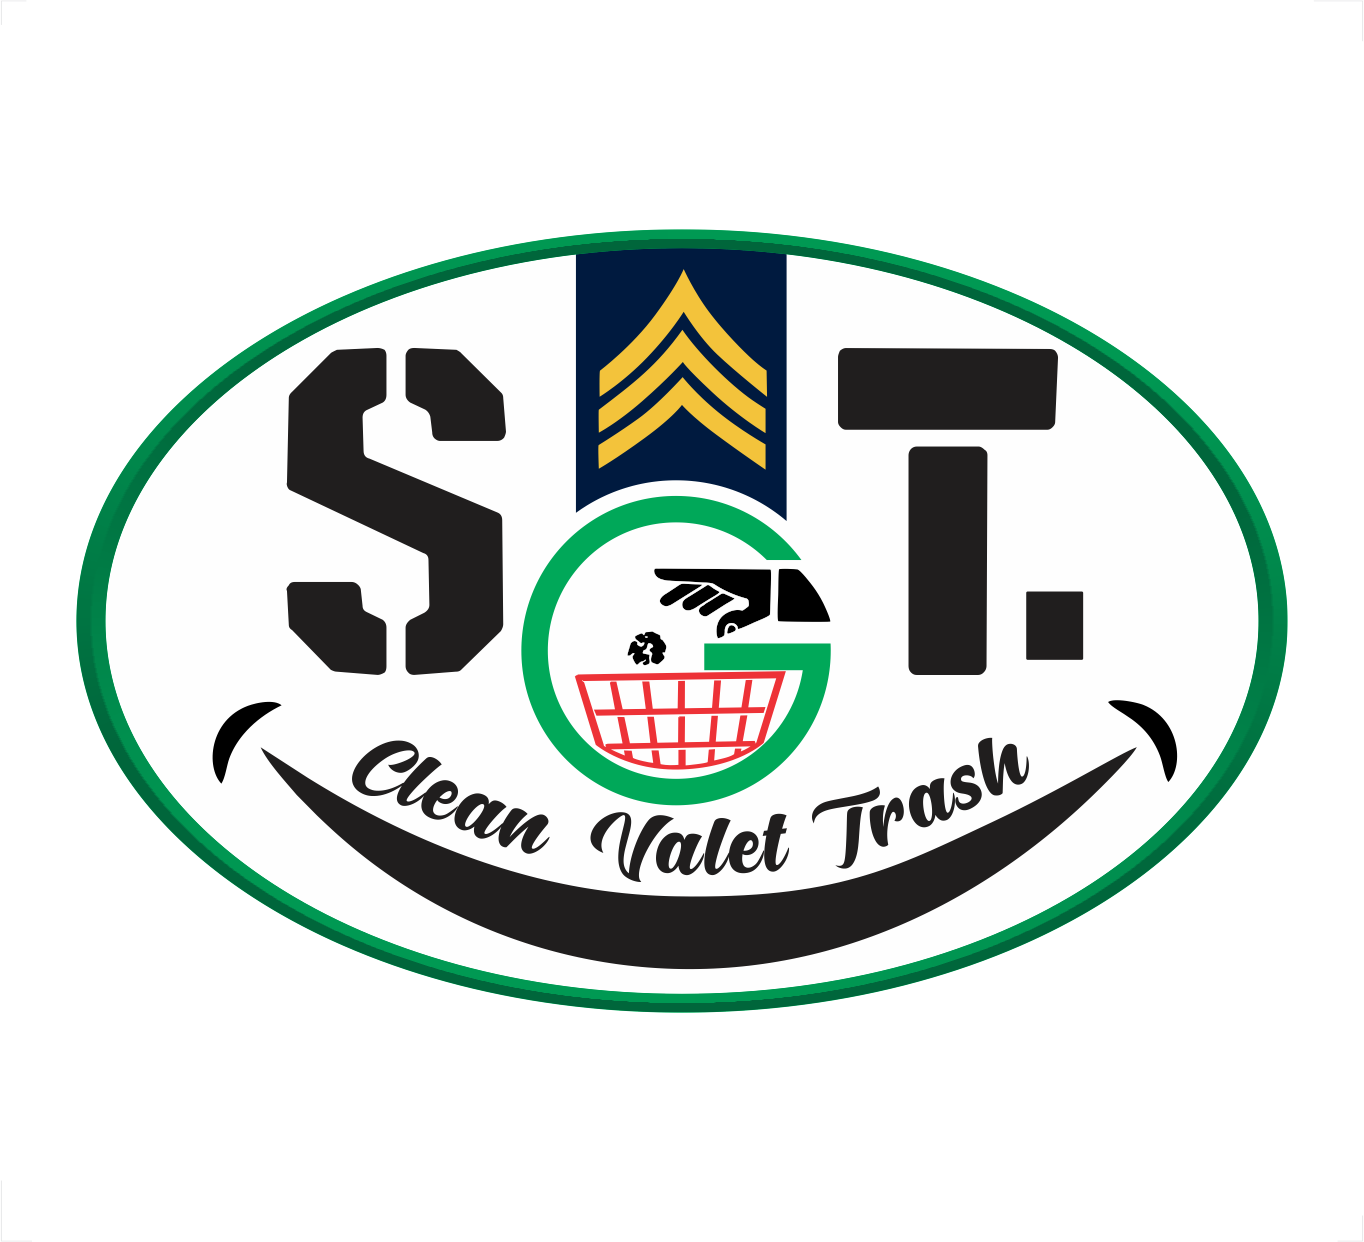 SGT. CLEAN VALET TRASH - Black Owned